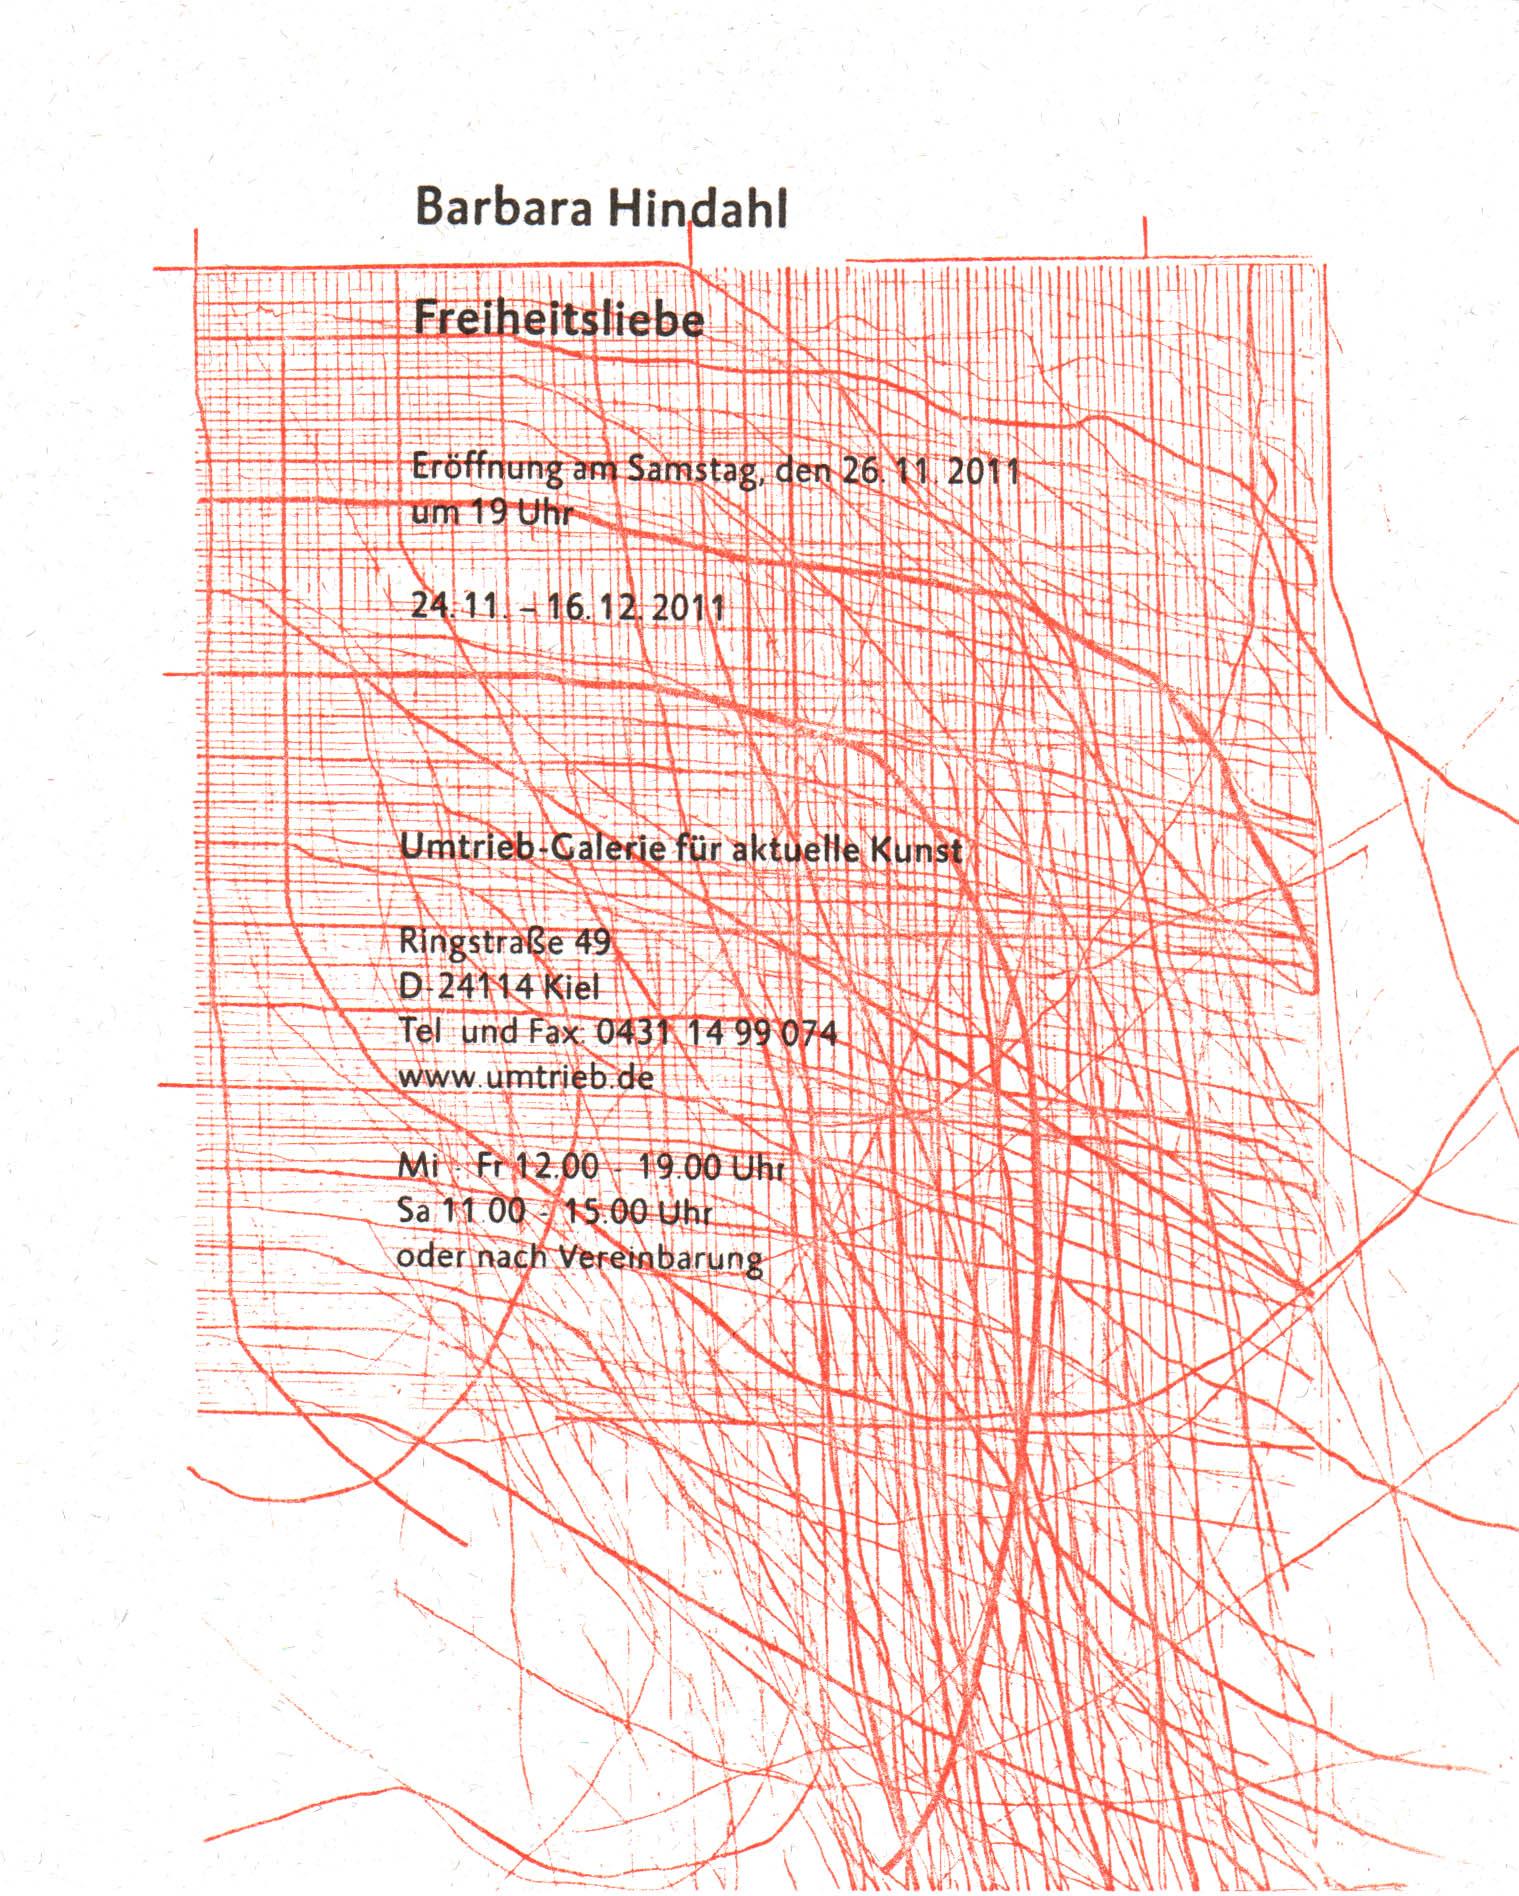 Barbara Hindahl, Einladungsmotiv